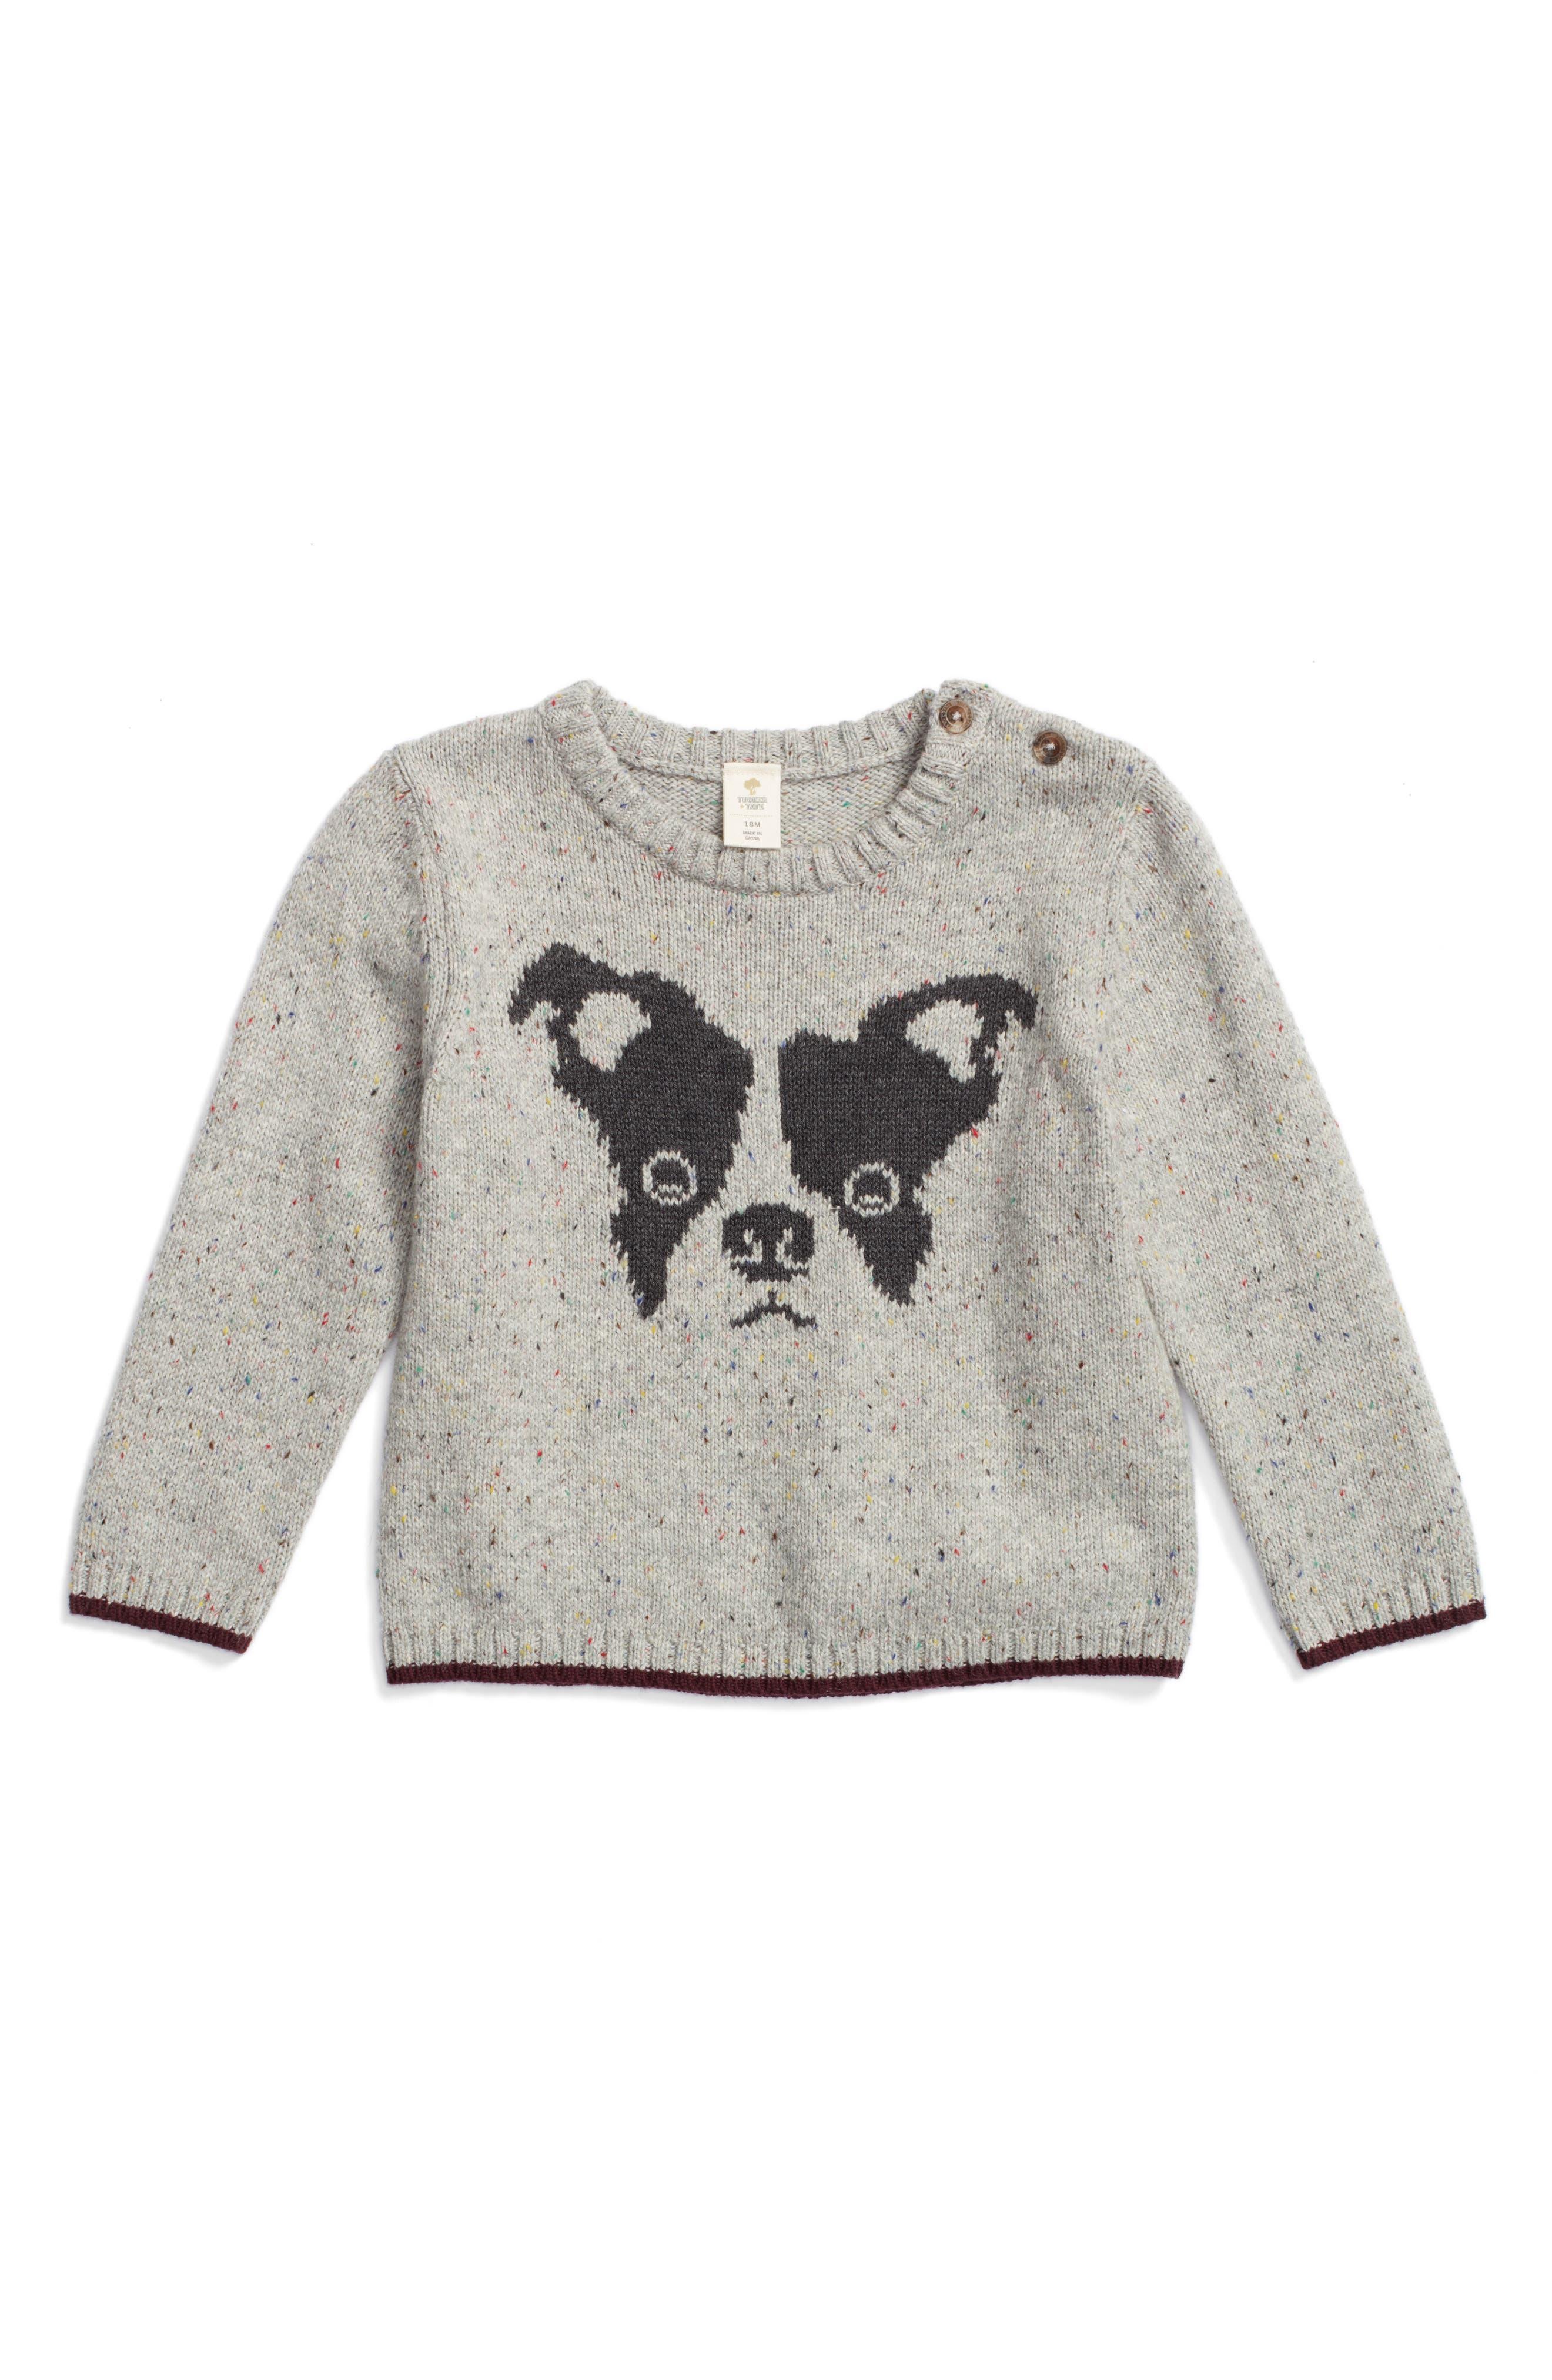 Main Image - Tucker + Tate Intarsia Knit Dog Sweater (Baby Boys)